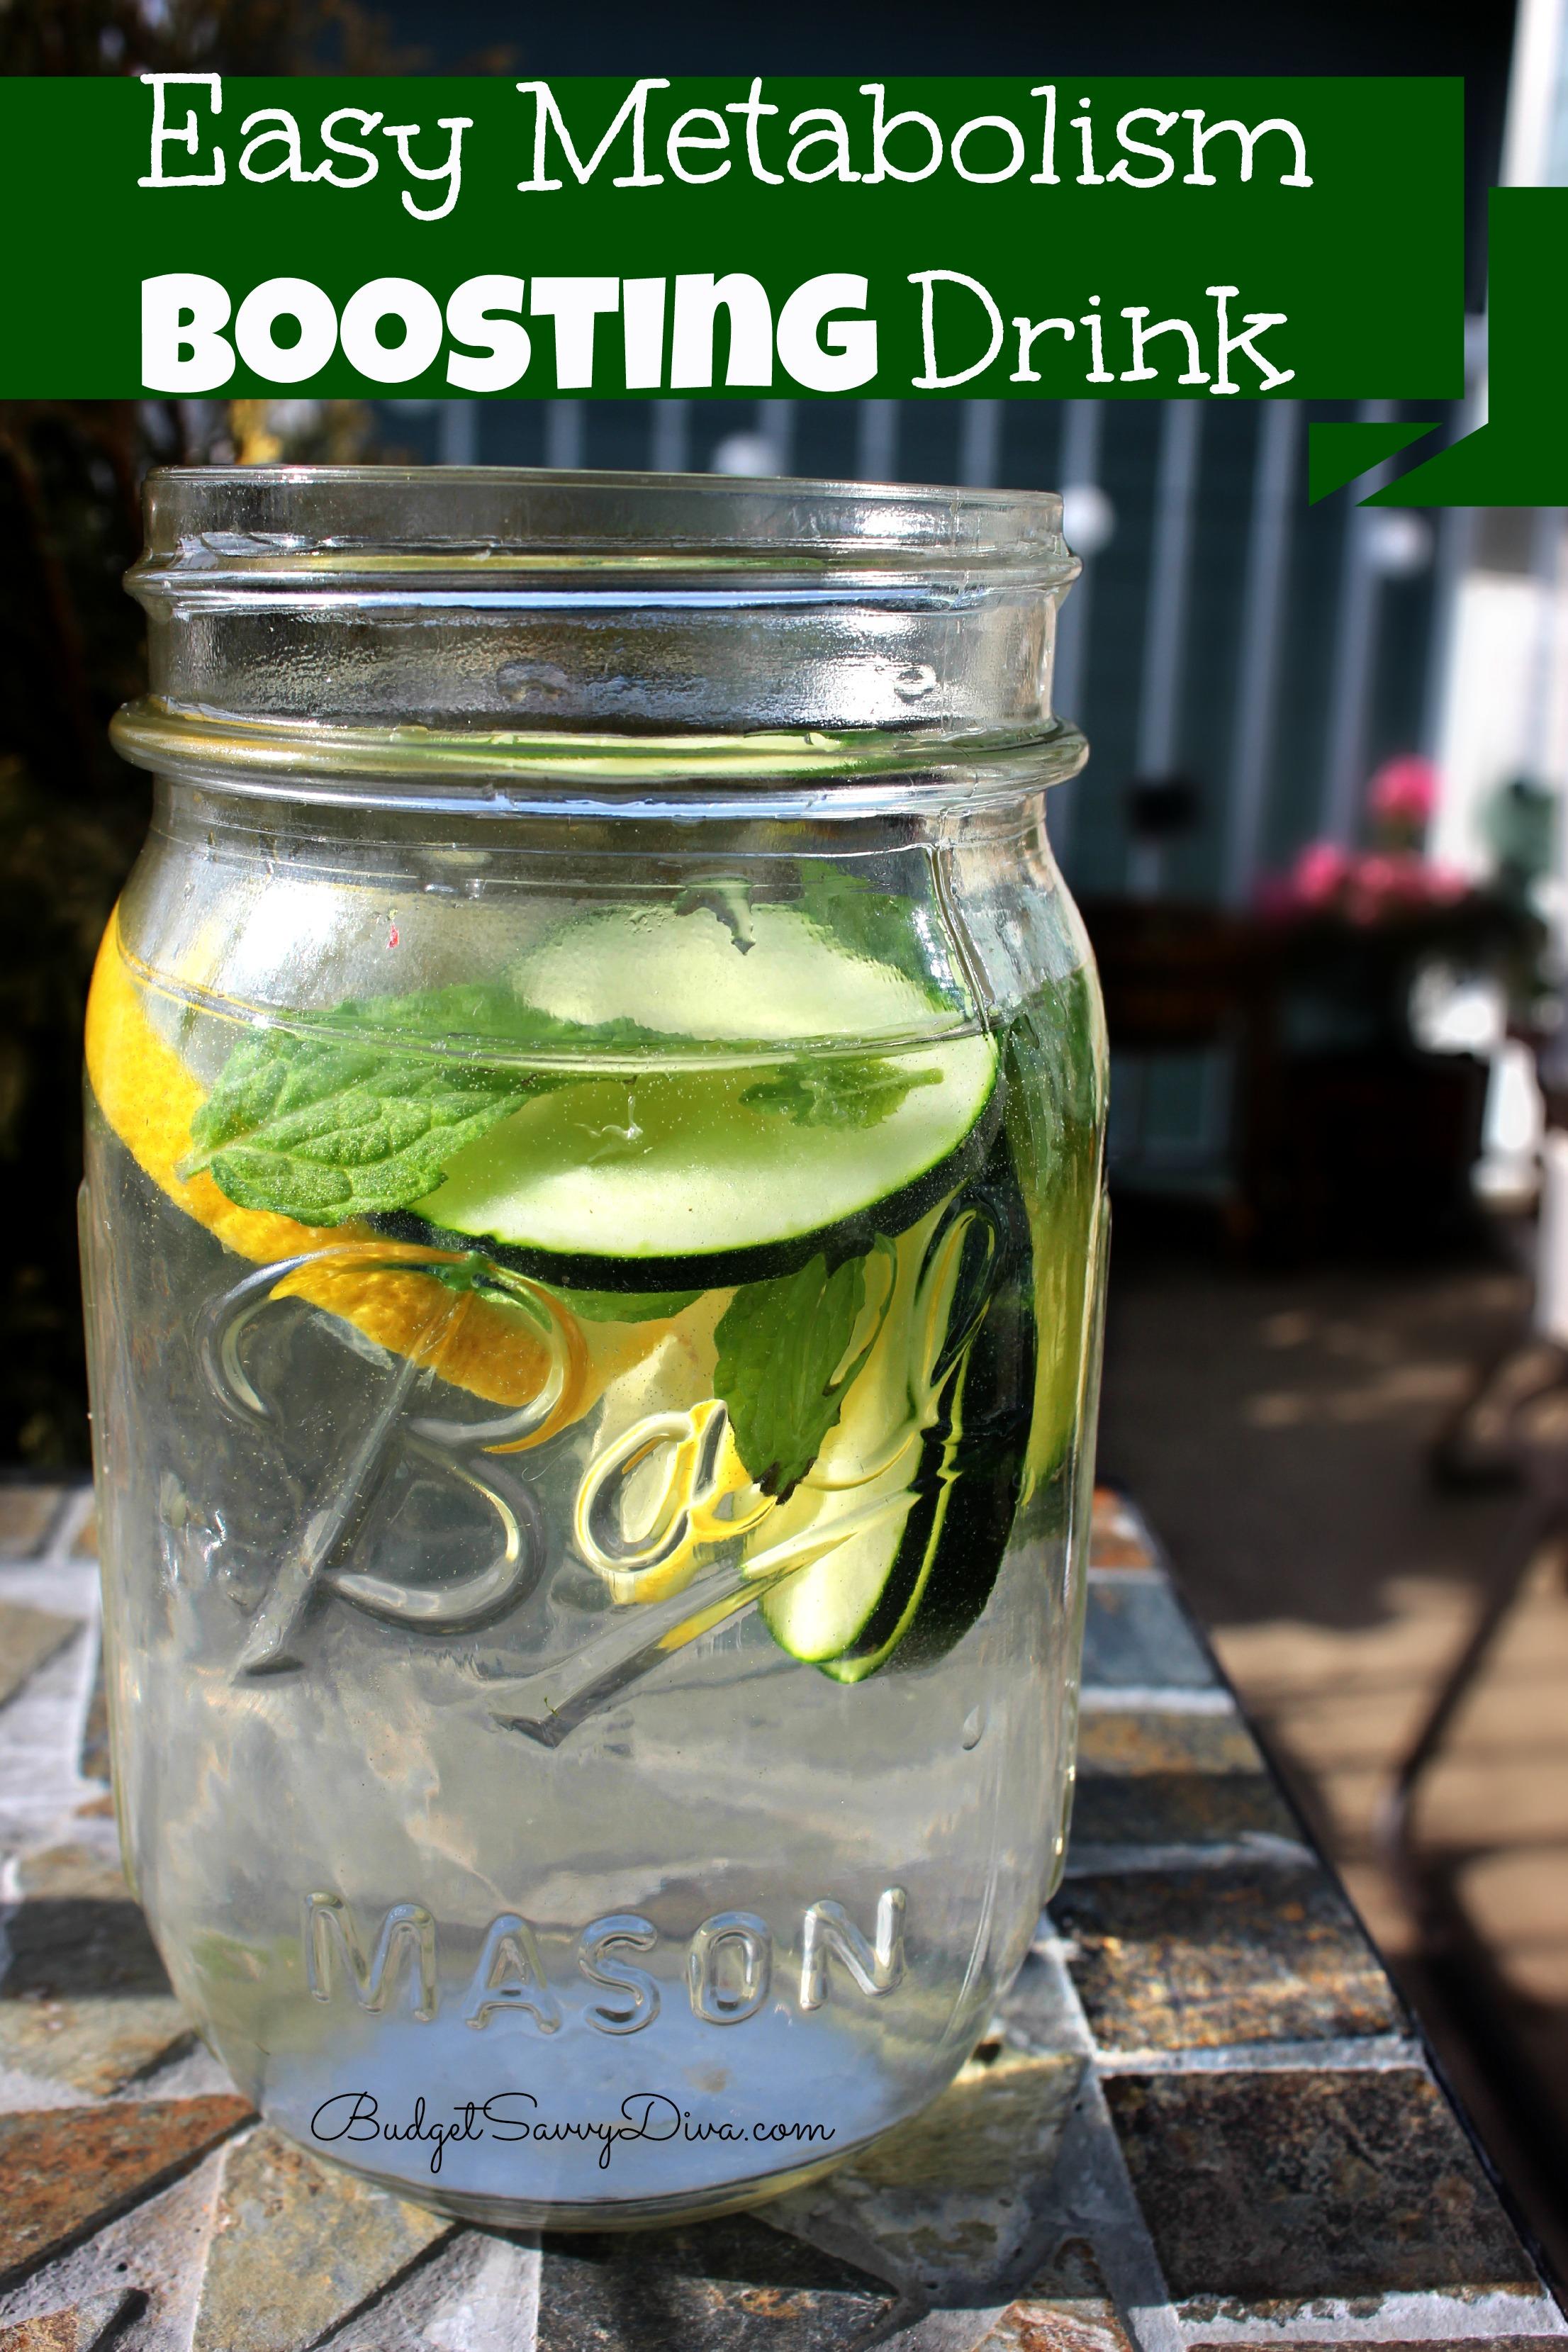 Easy Metabolism Boosting Drink